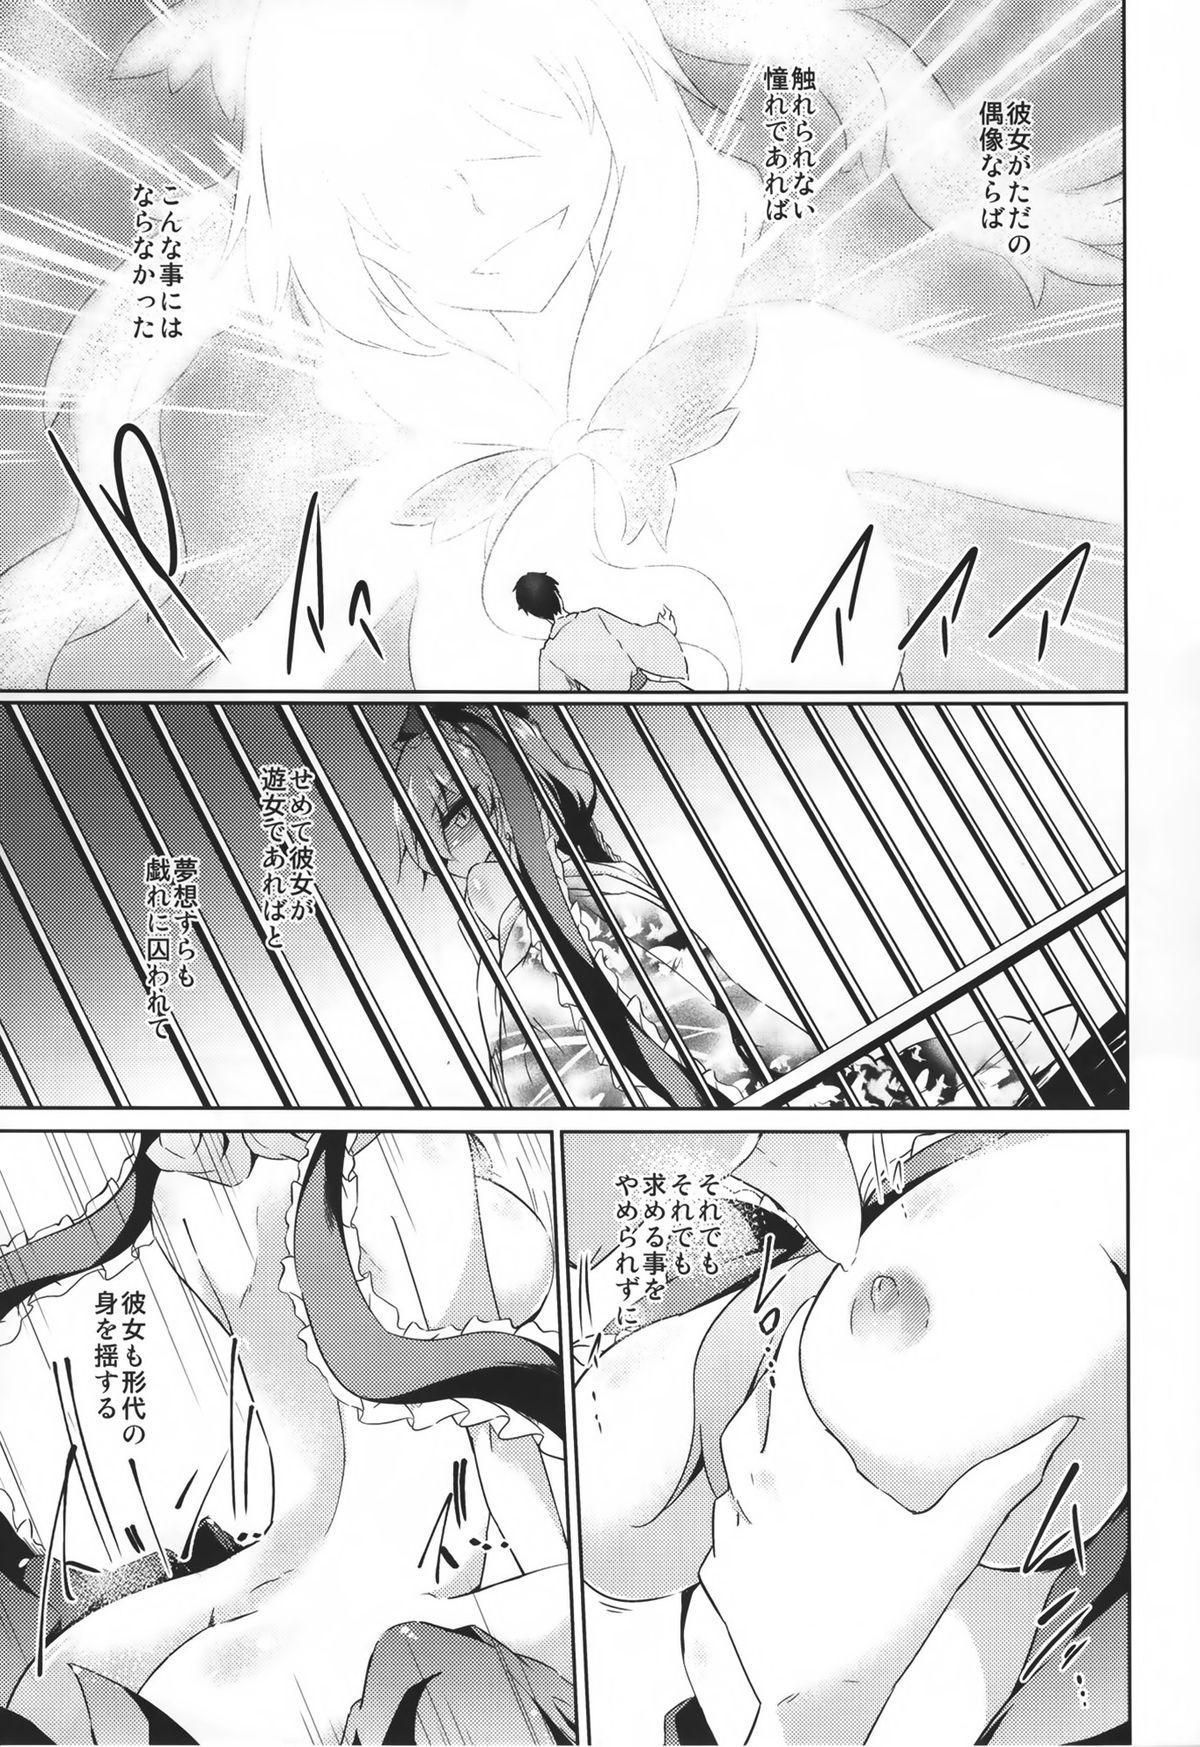 *Chuui* Horeru to Yakui kara 20